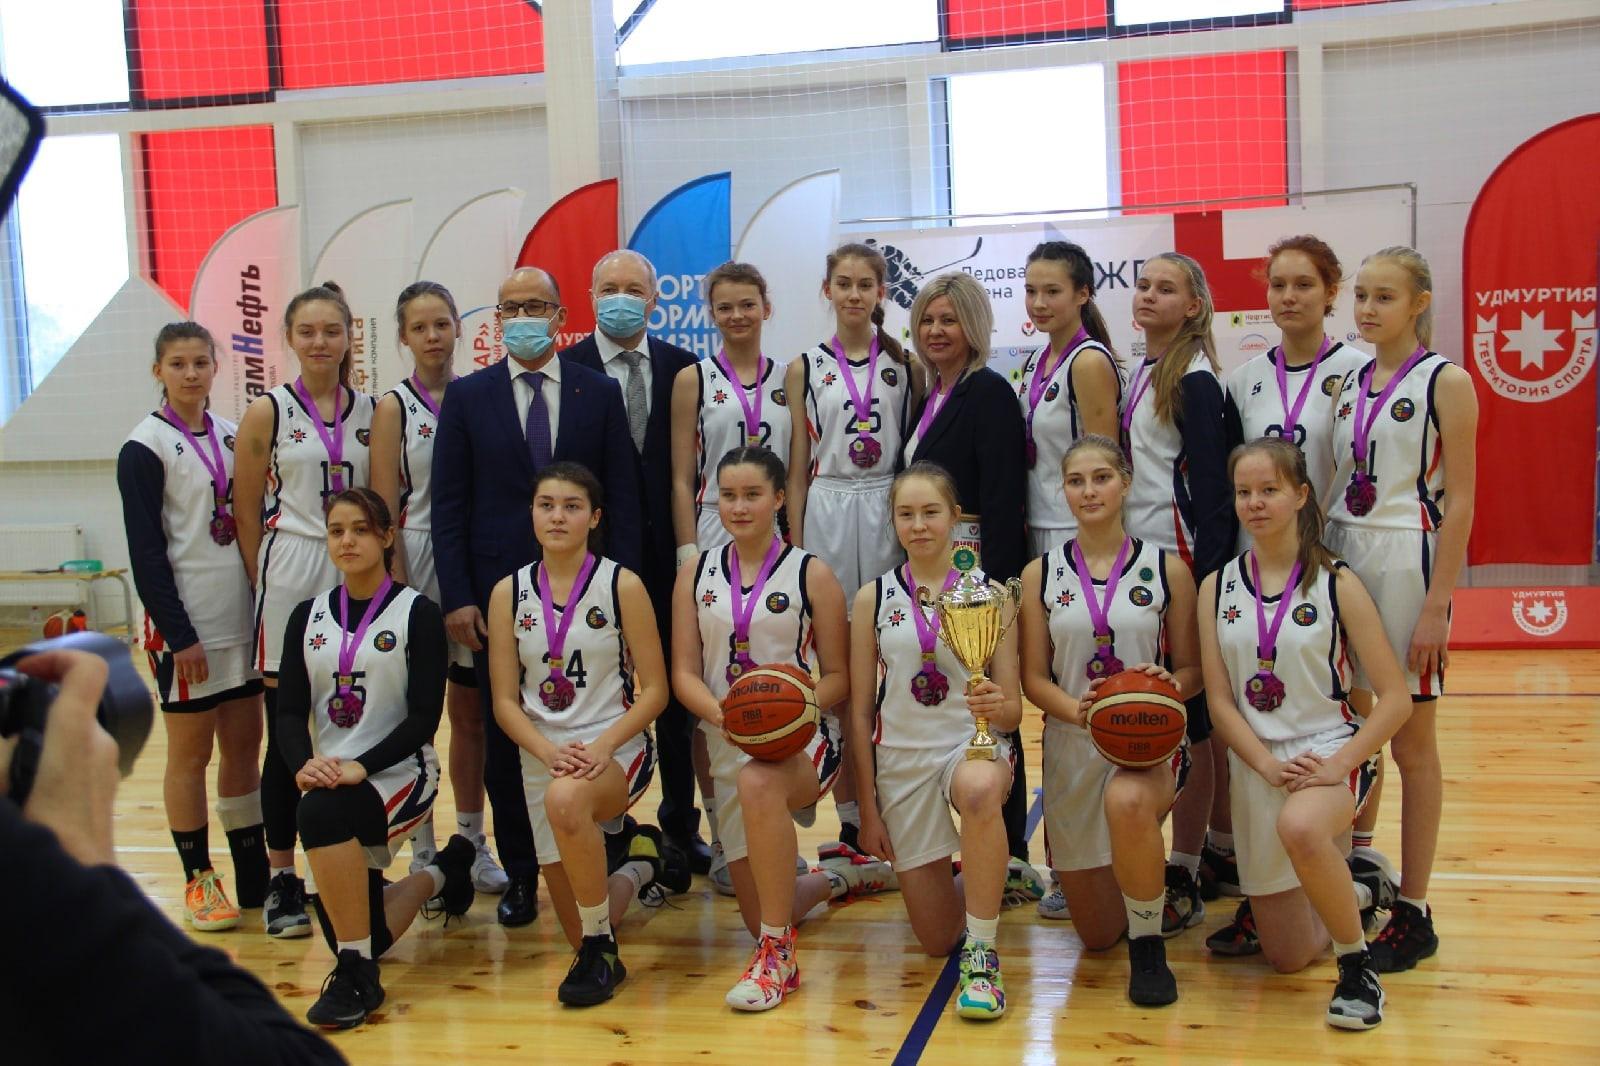 Можгинские баскетболисты едут на Первенство России! Всего